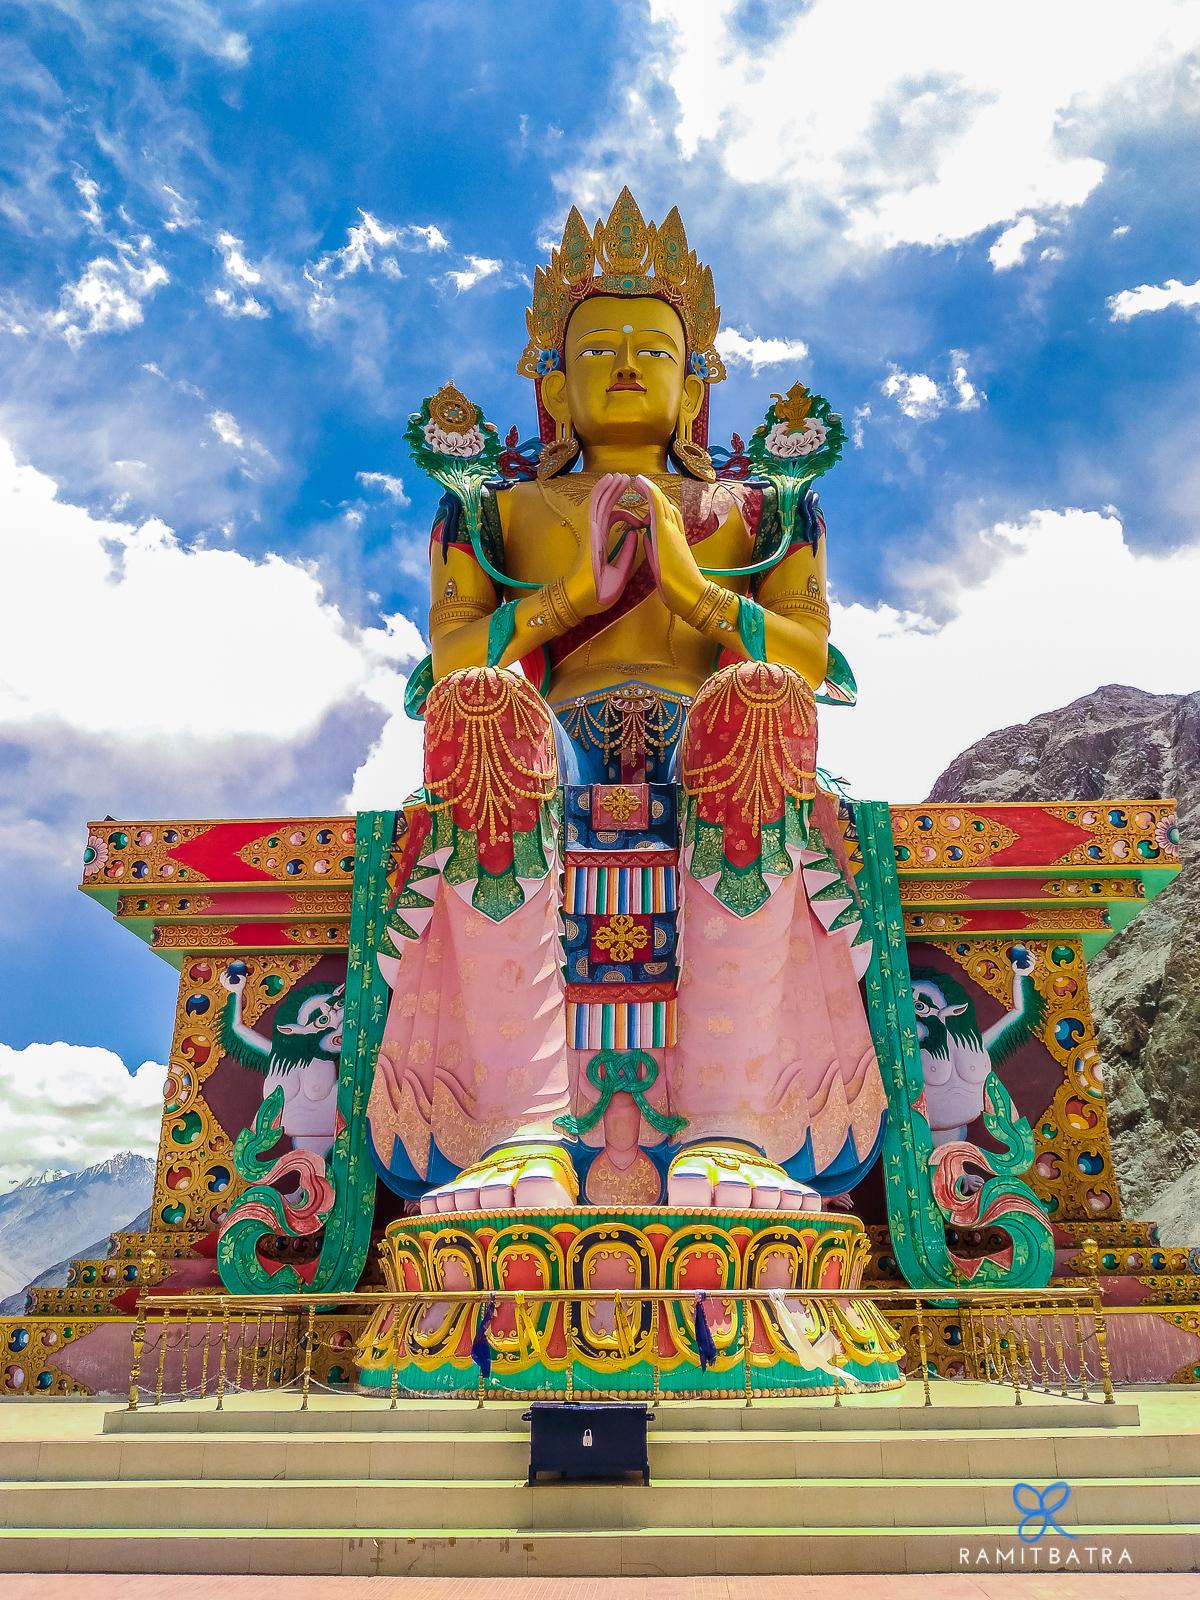 Asus-Zenfone-Max-Ladakh-RamitBatra_09